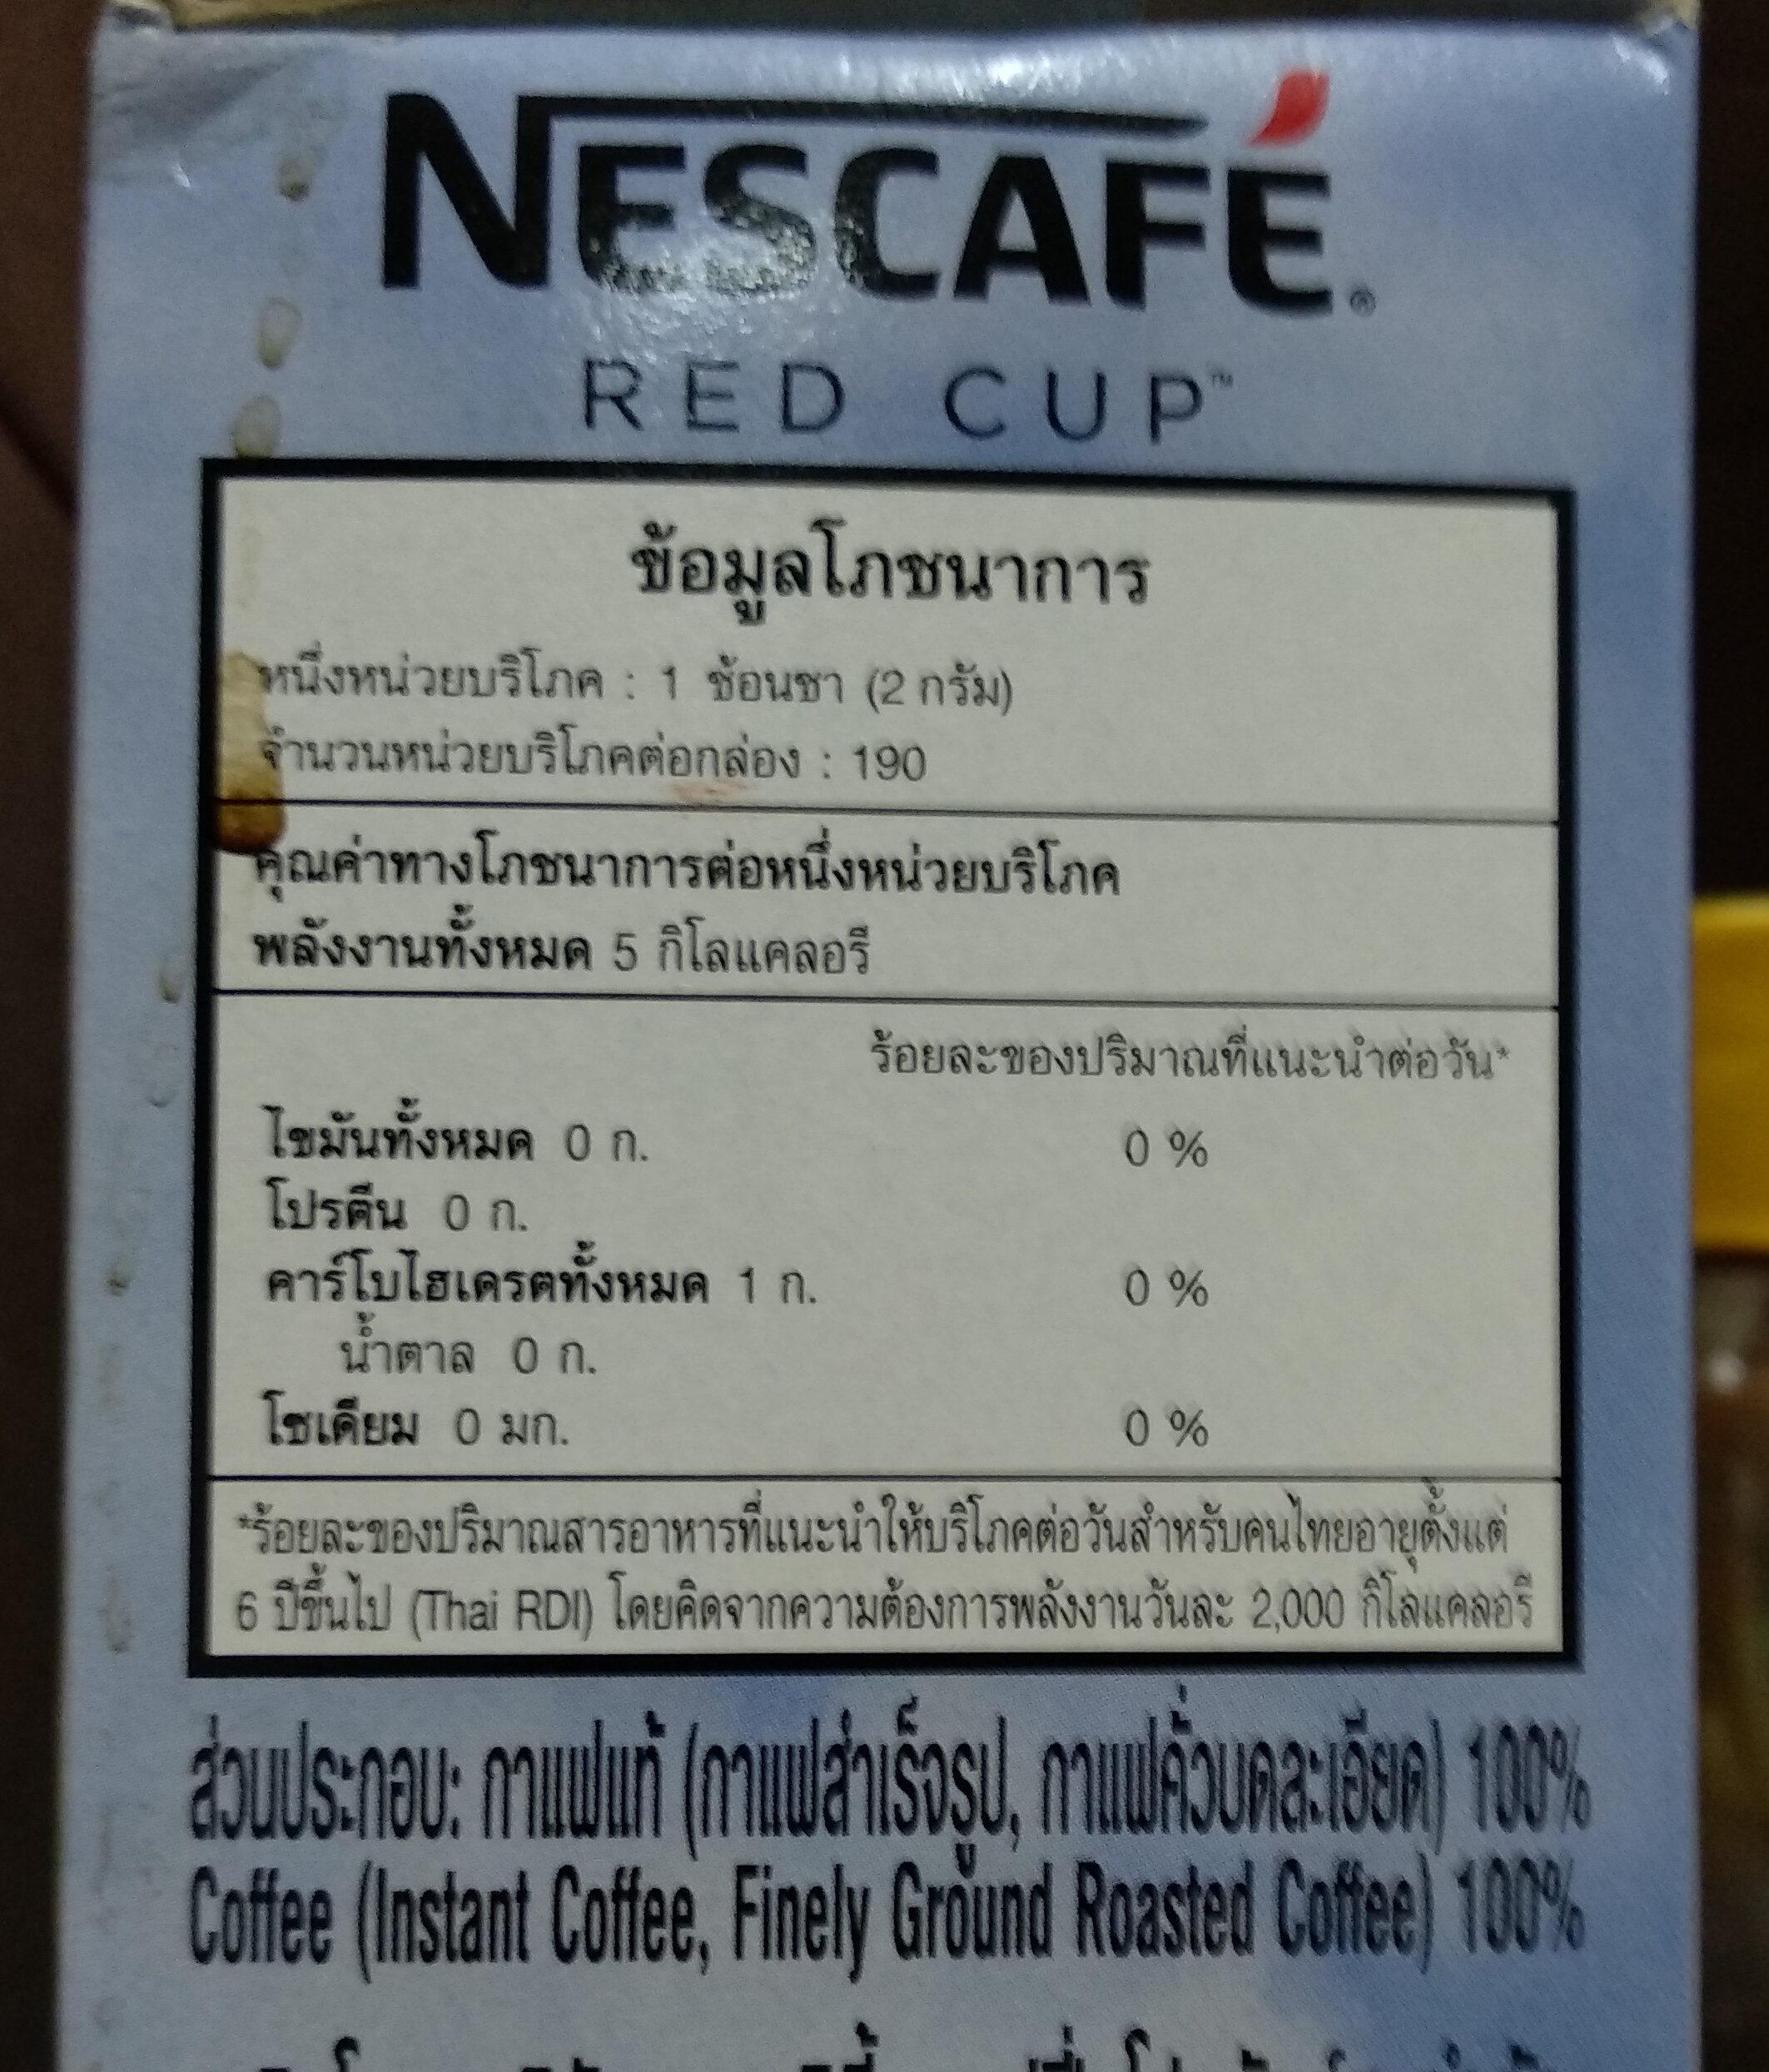 เนสกาแฟเรดคัพ - Nutrition facts